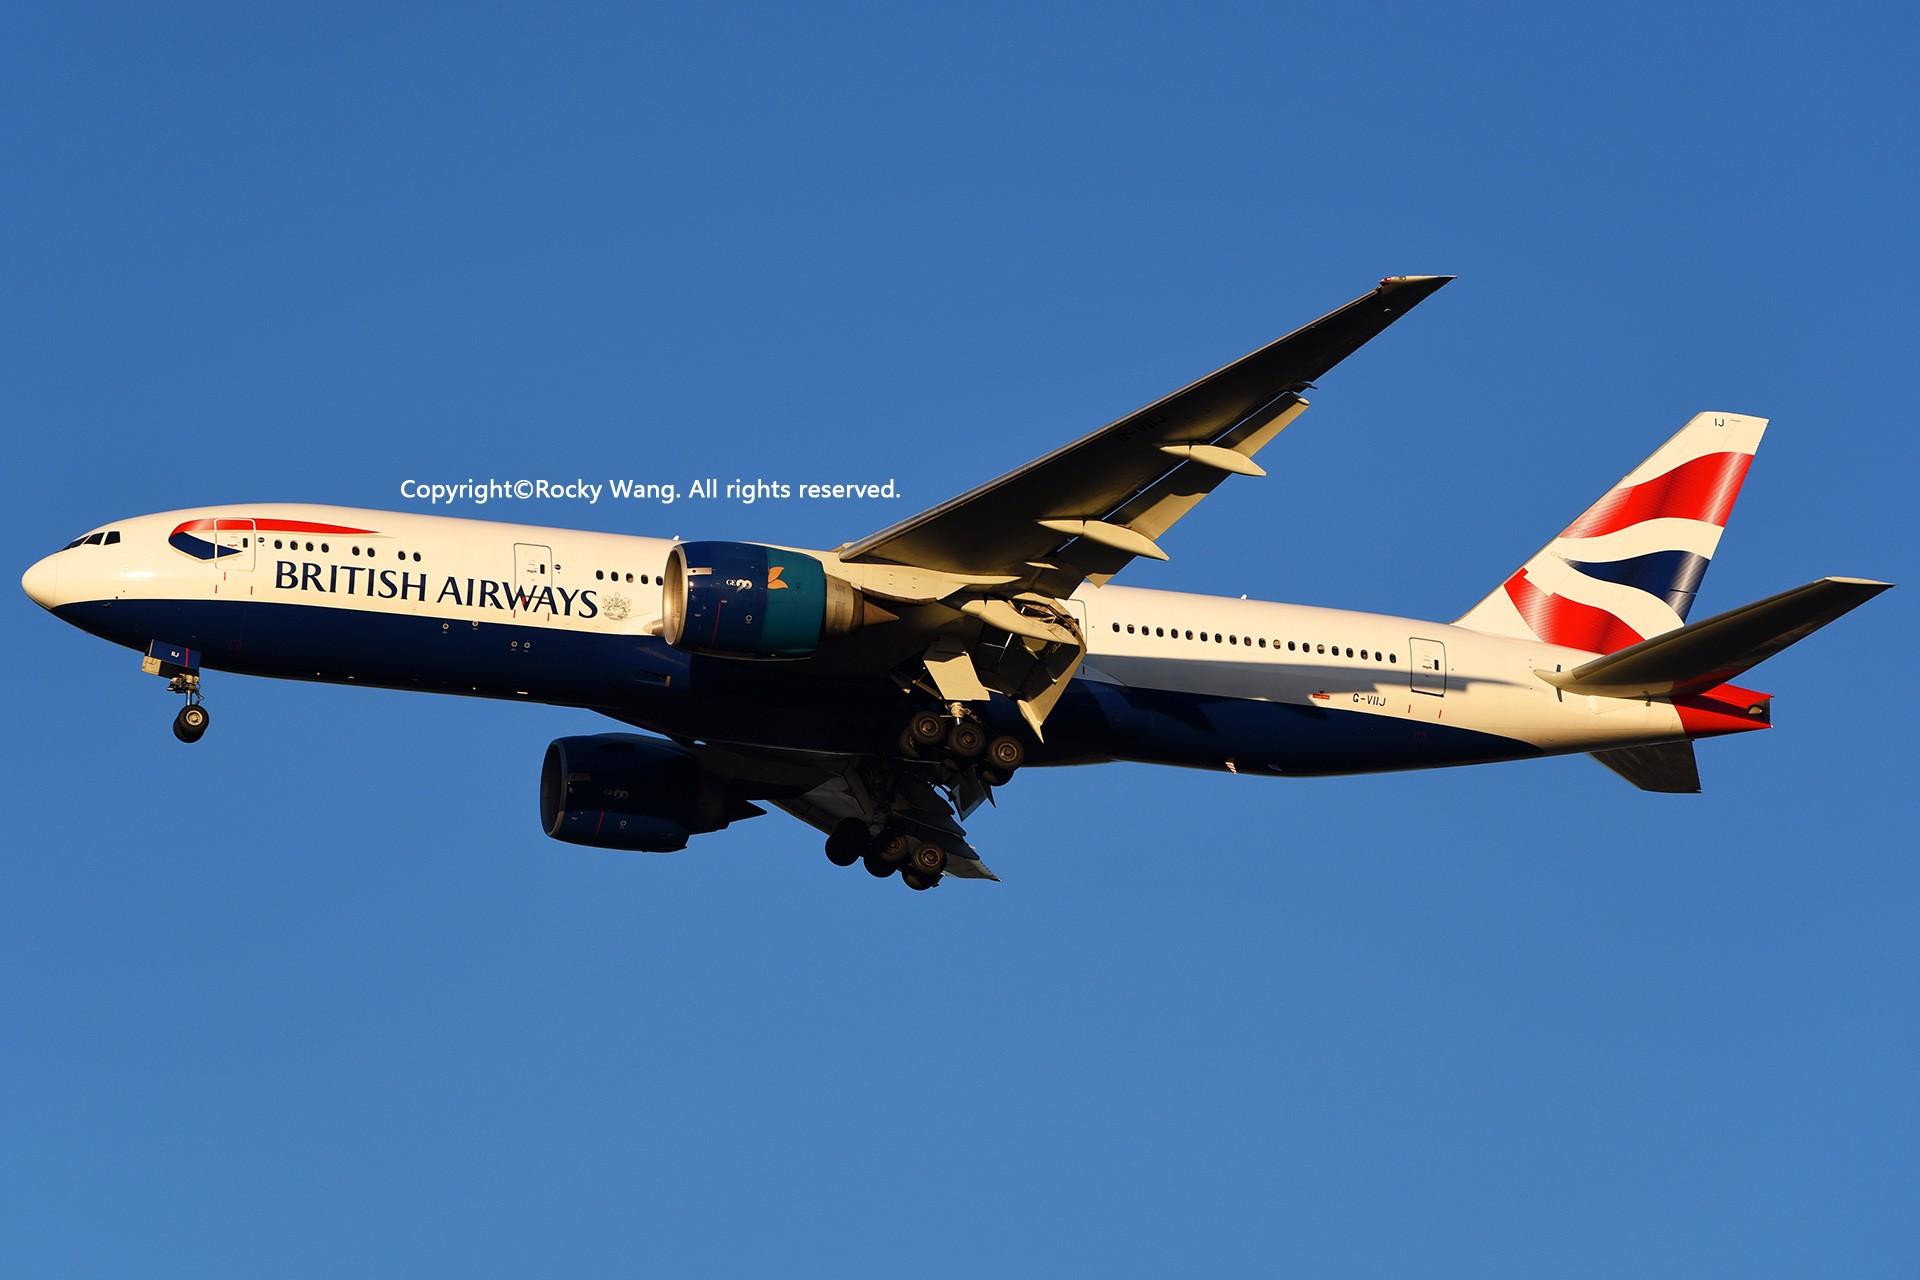 Re:[原创]KJFK 30图 BOEING 777-236(ER) G-VIIJ New York John F. Kennedy Int'l Airport